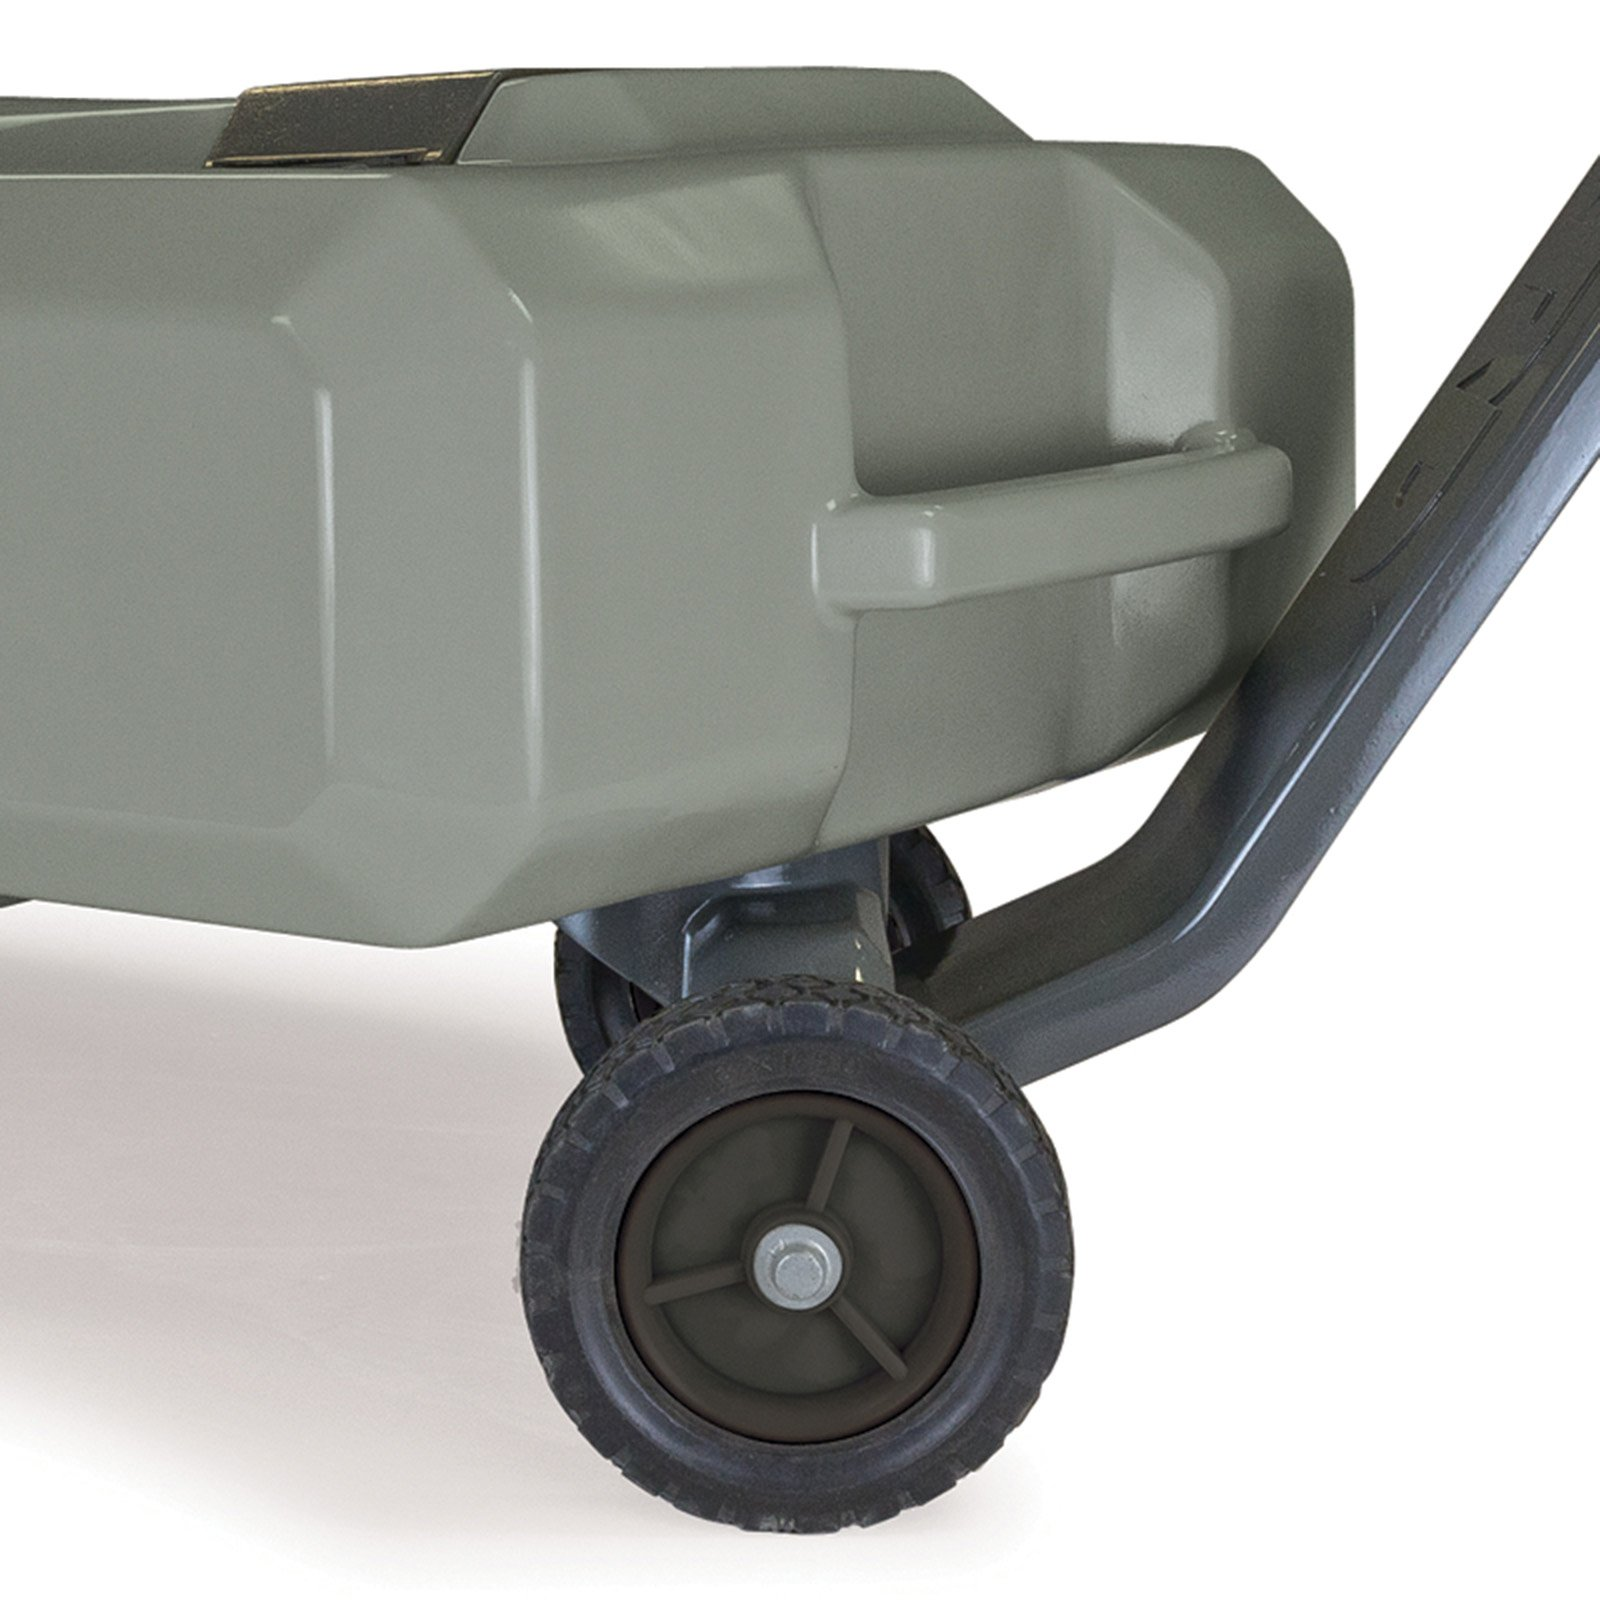 SmartTote2 RV Portable Waste Tote Tank - 4 Wheels - 35 Gallon - Thetford 40519 by SmartTote2 (Image #2)